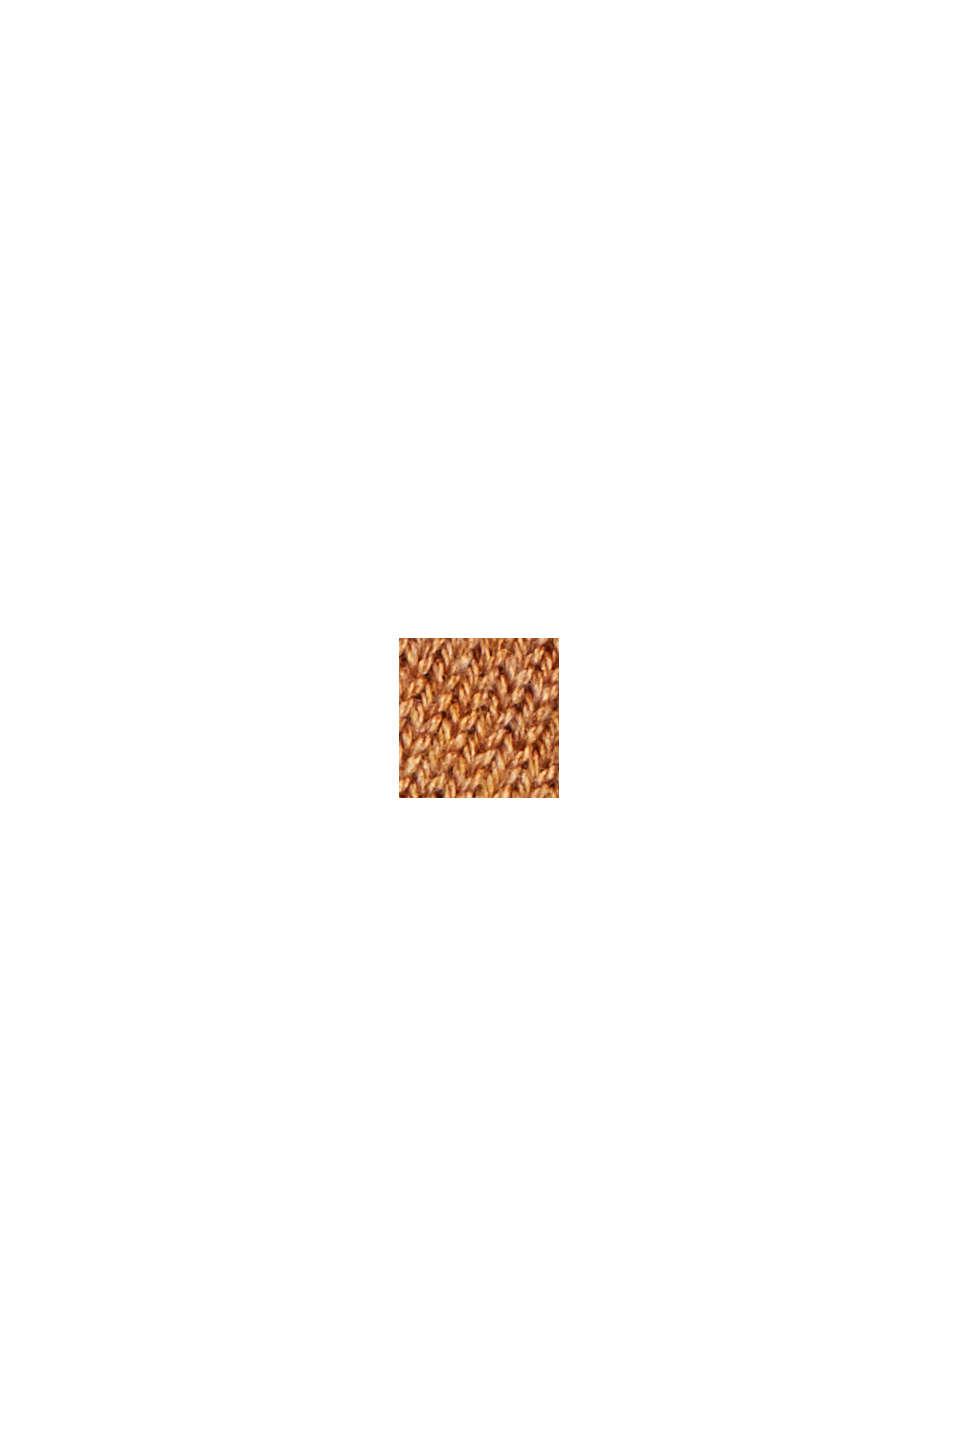 Basisstrikkjole i økologisk bomuldsblanding, BARK, swatch